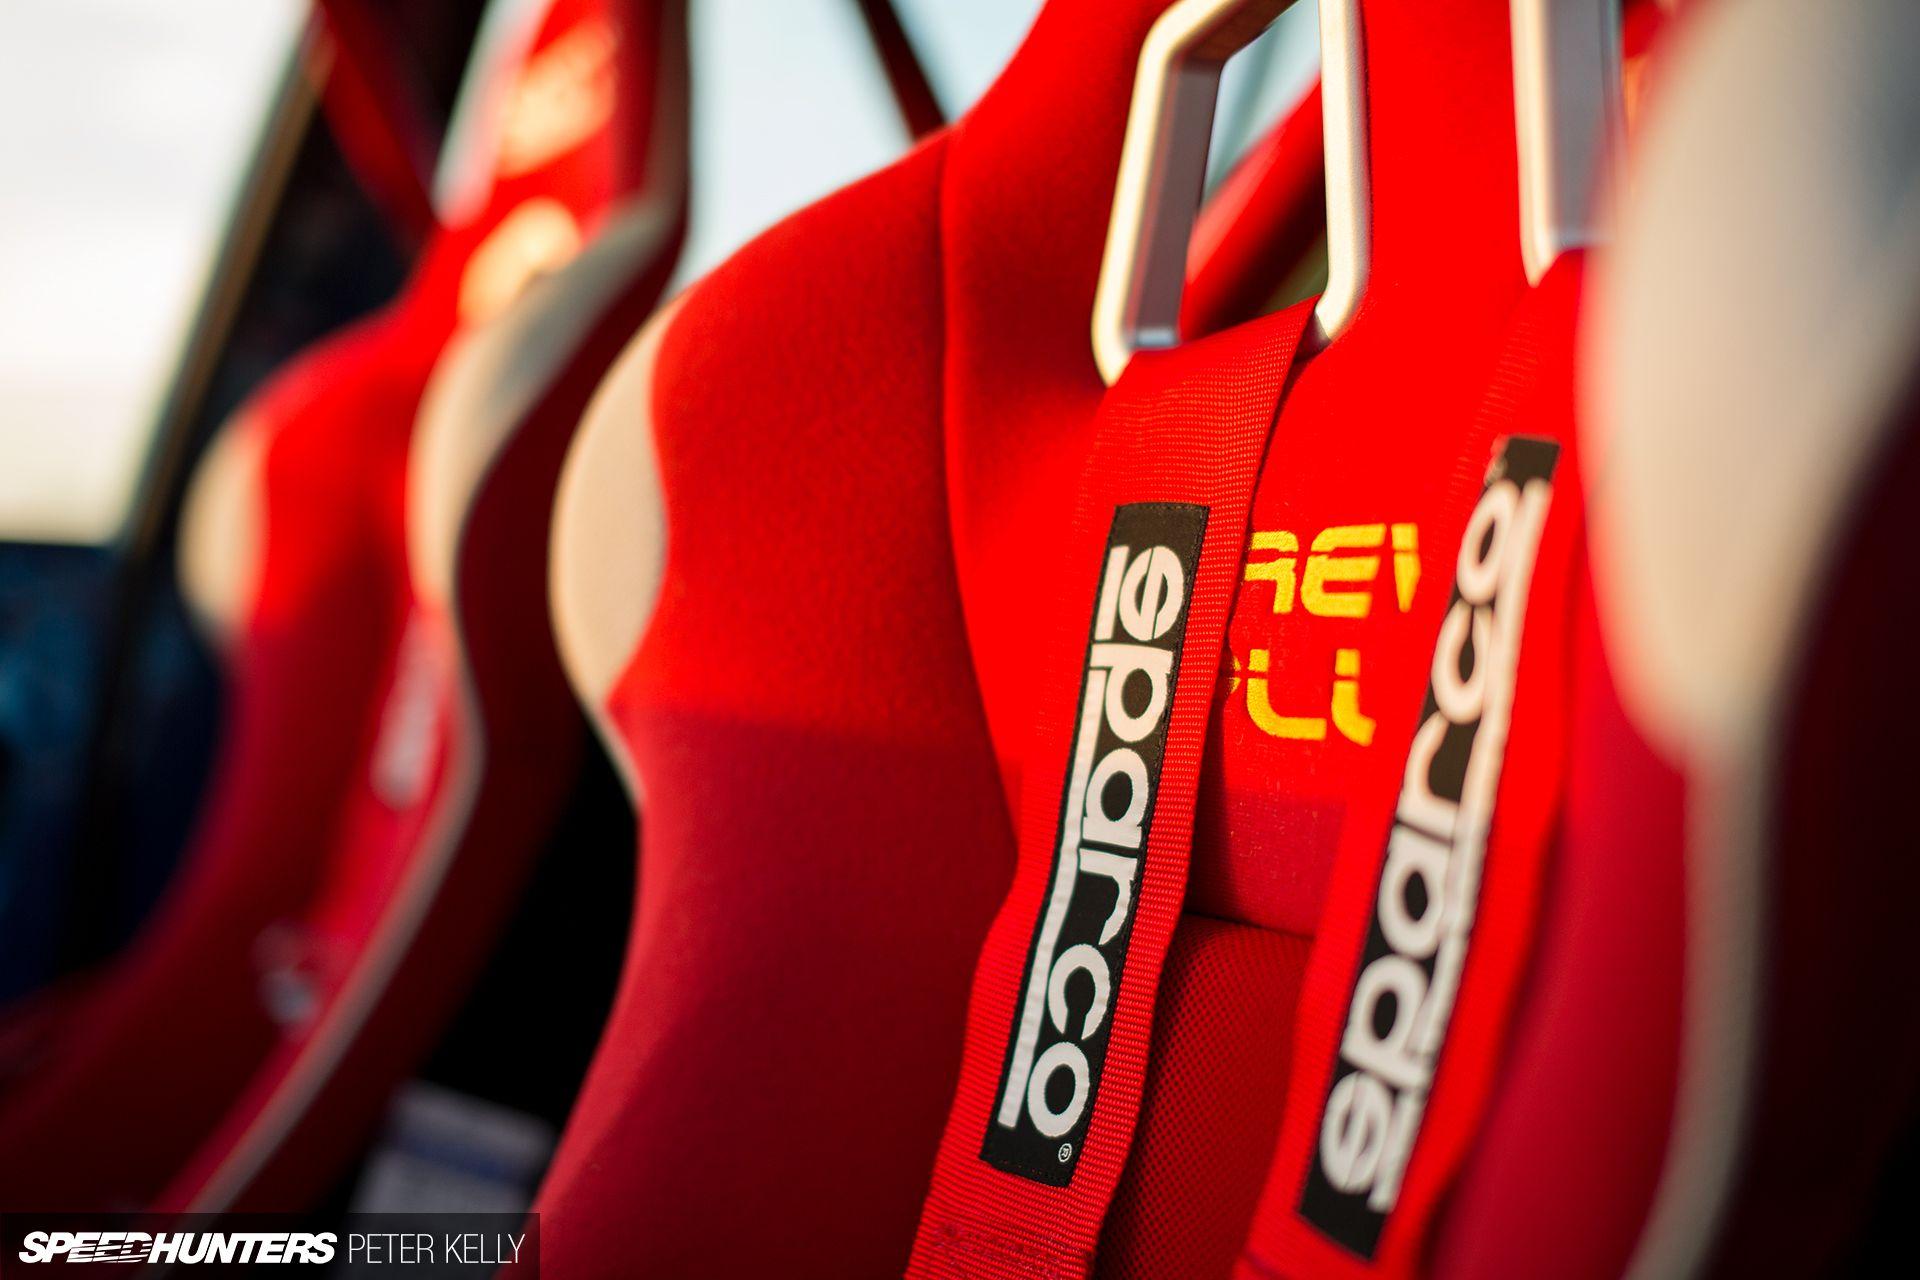 Тридцятирічний універсал Opel Omega перетворили на сімейний транспорт для родини гонщиків